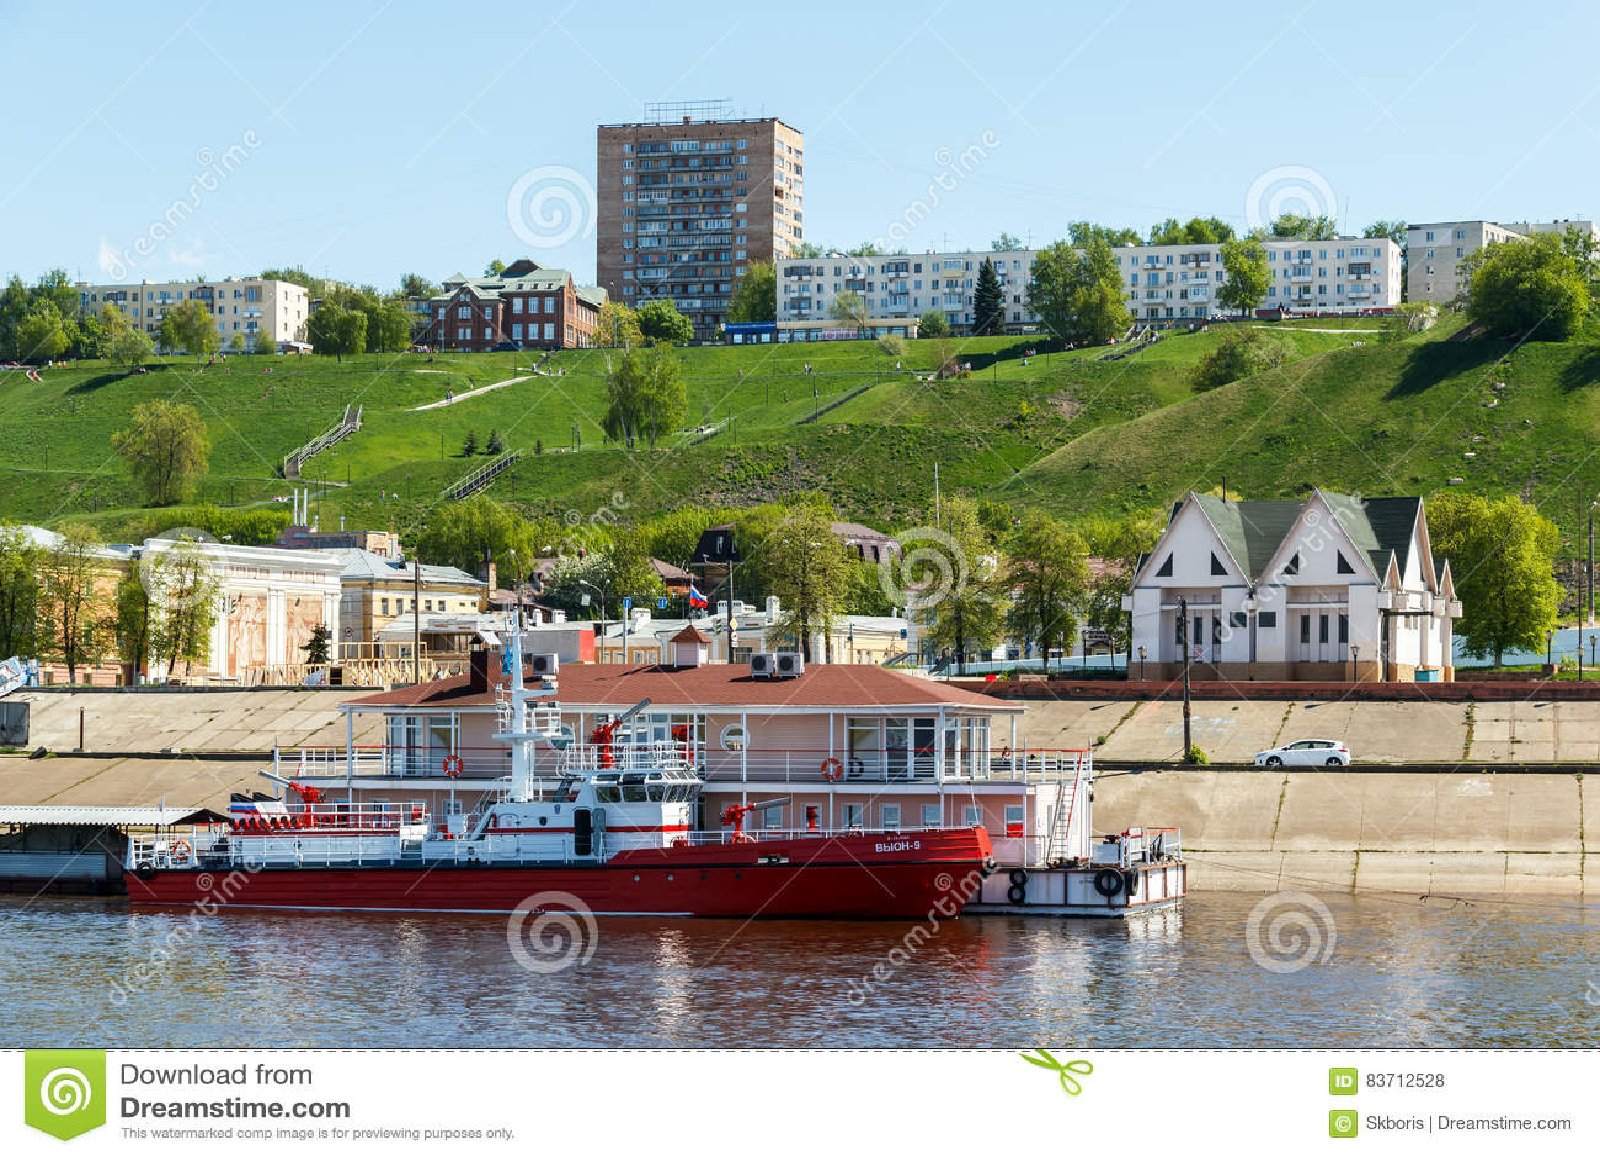 View Of The Fedorovsky Embankment In Nizhny Novgorod Editorial Stock Photo